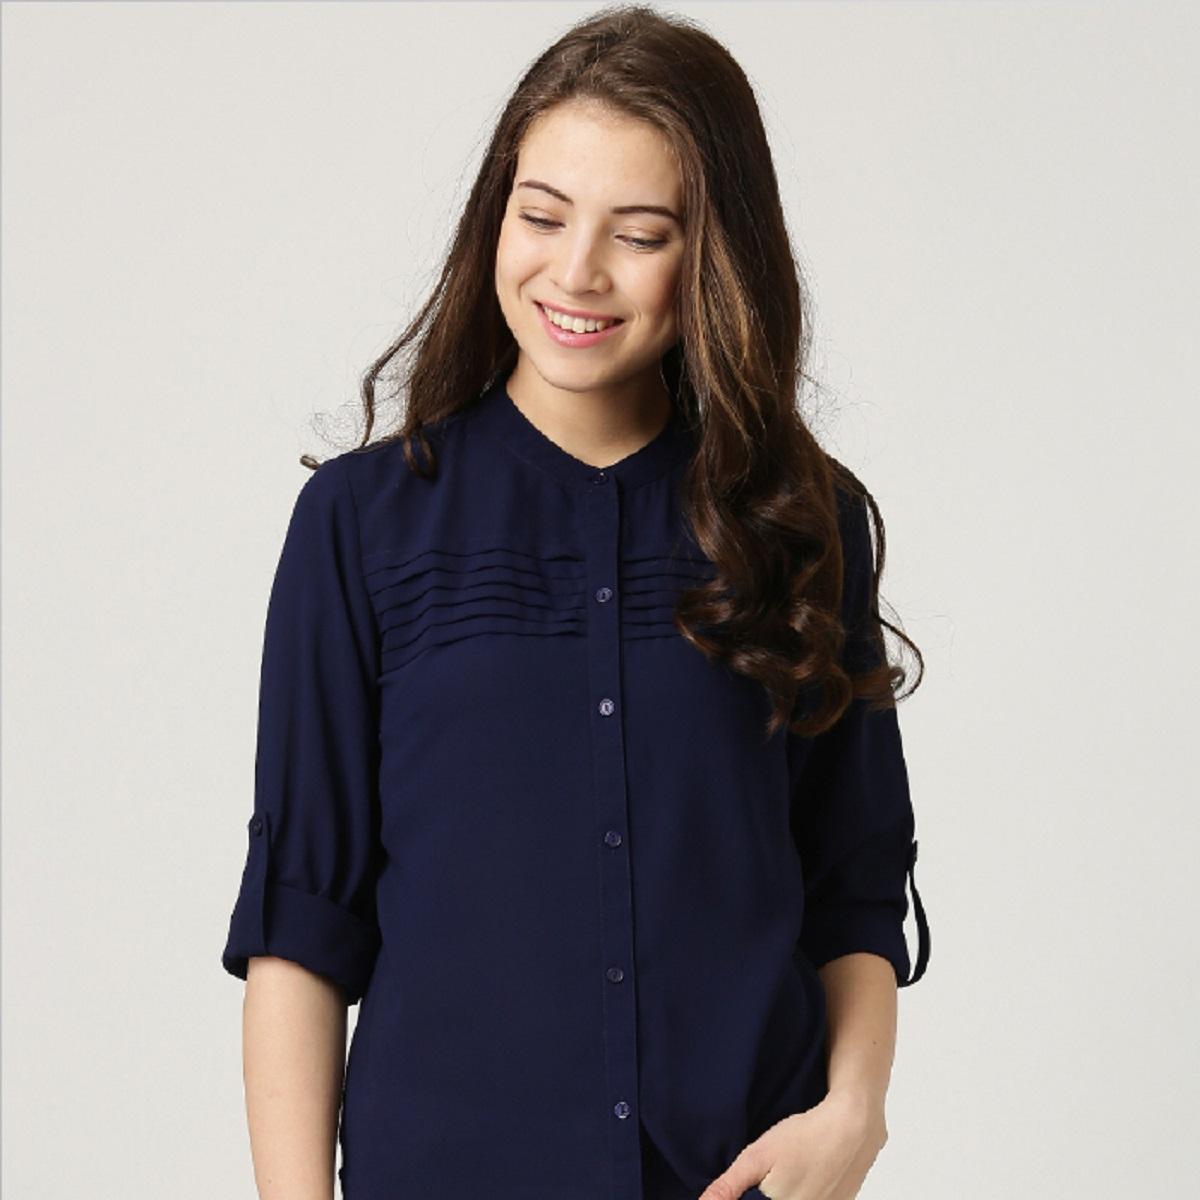 Form áo lên chuẩn dáng, tôn lên nét đẹp, sang cũng như sự thoải mái khi bạn vận động và làm việc.